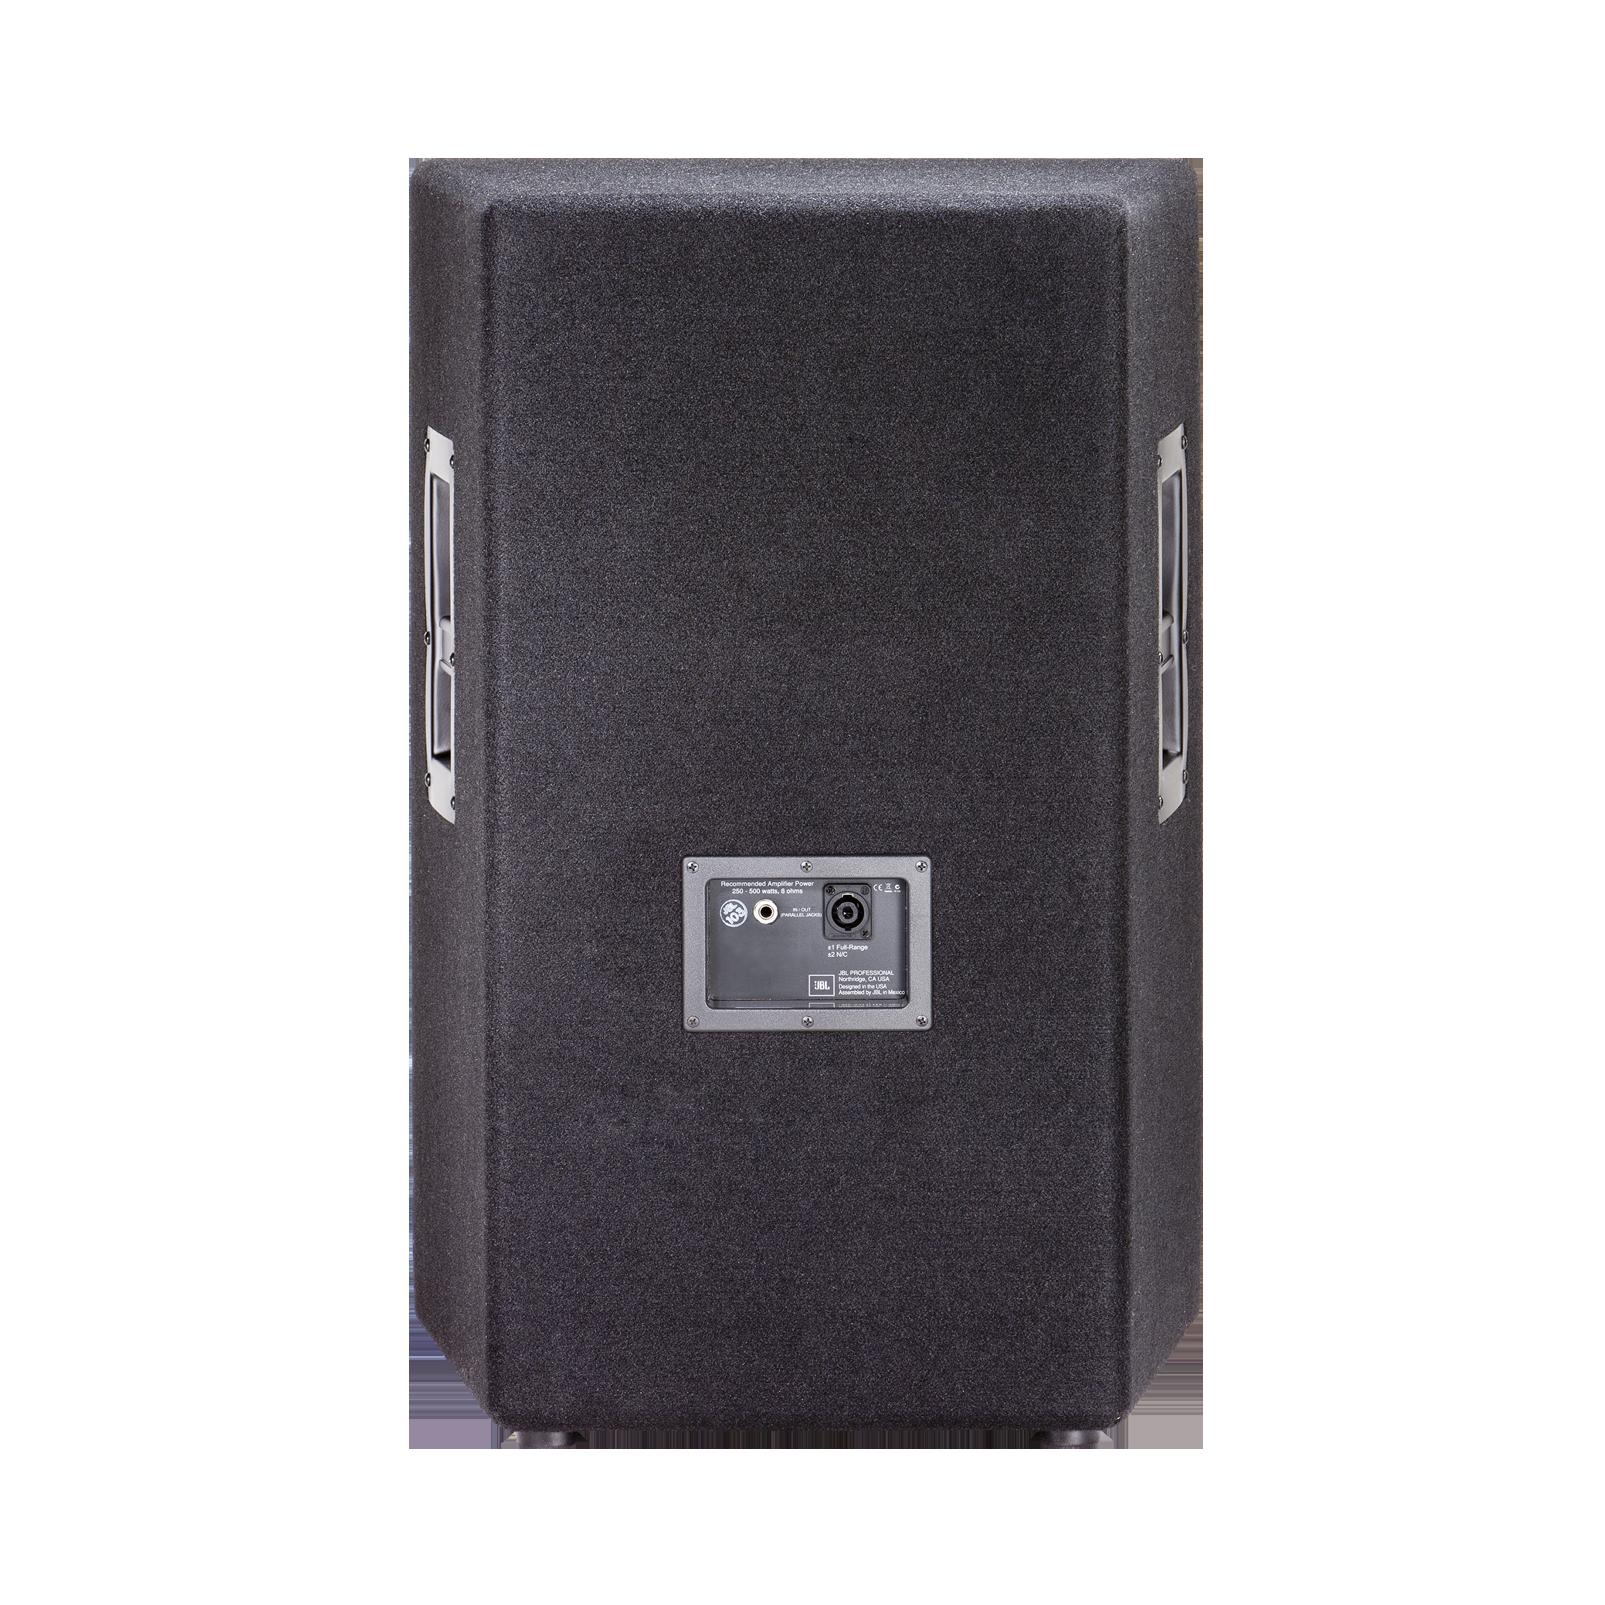 """JBL JRX215 - Black - 15"""" Two-Way Sound Reinforcement Loudspeaker System - Back"""